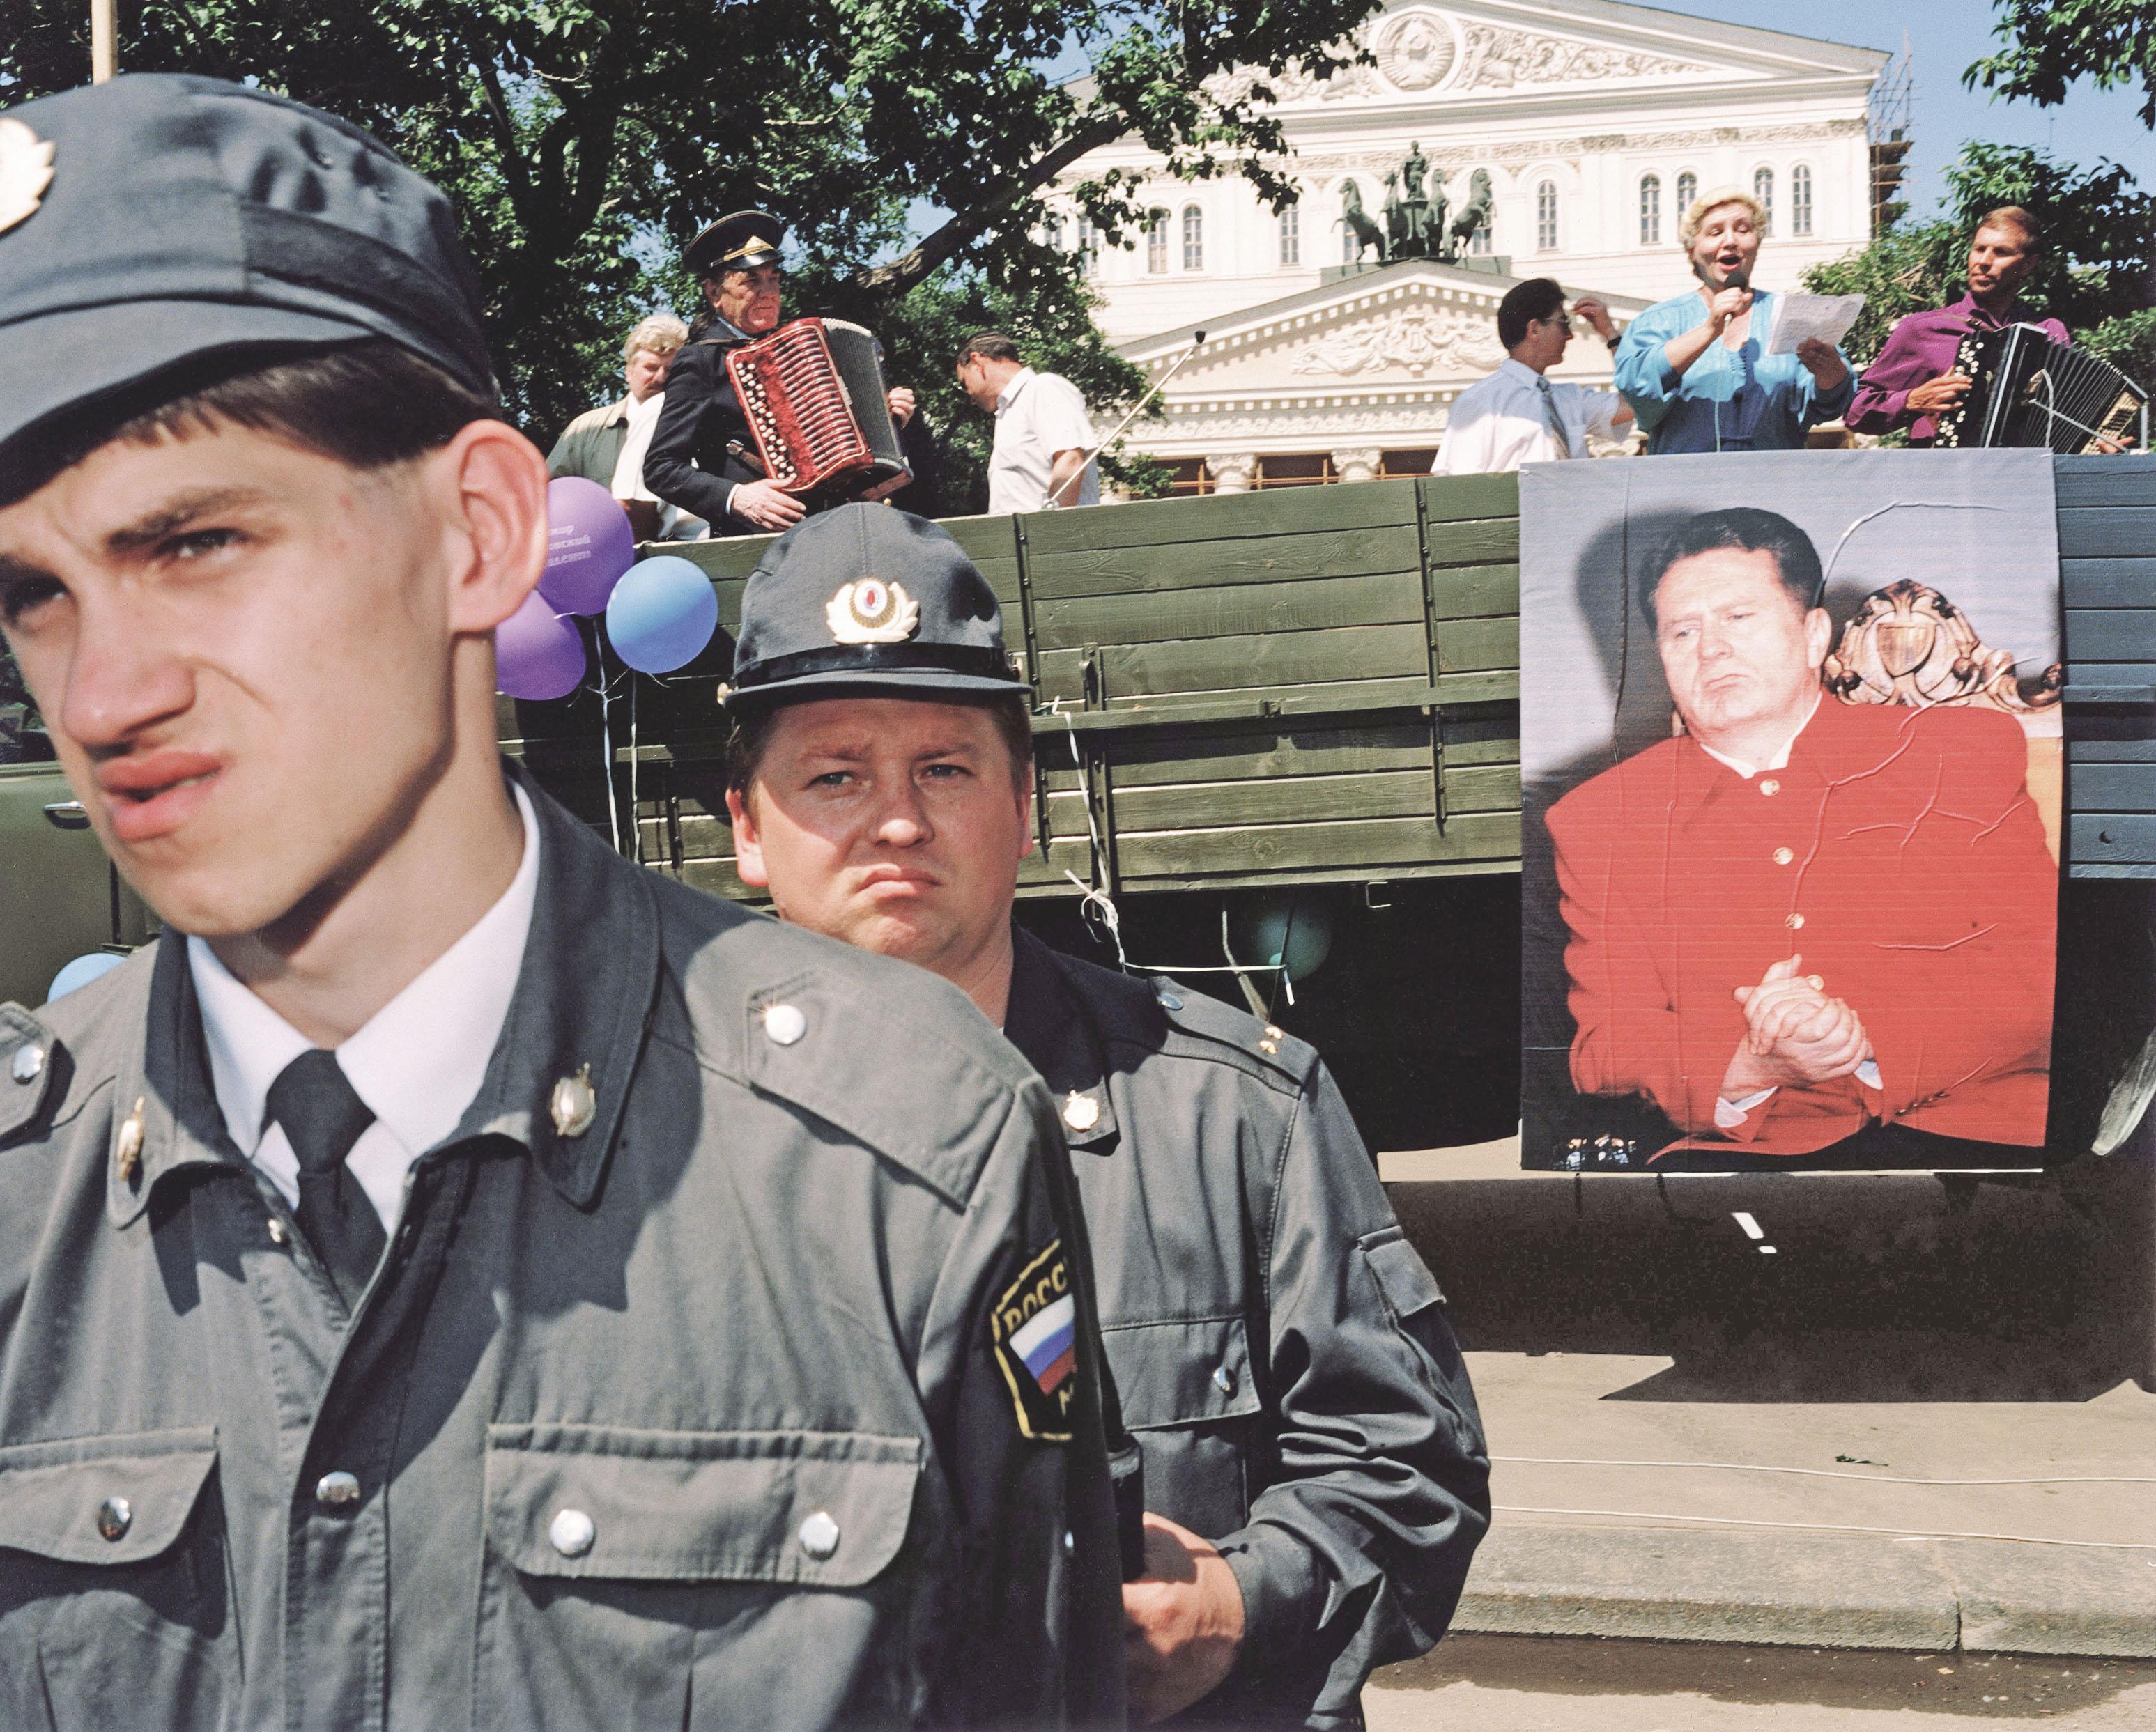 Предвыборная кампания Владимира Жириновского напрезидентских выборах. Москва, Россия, 1996